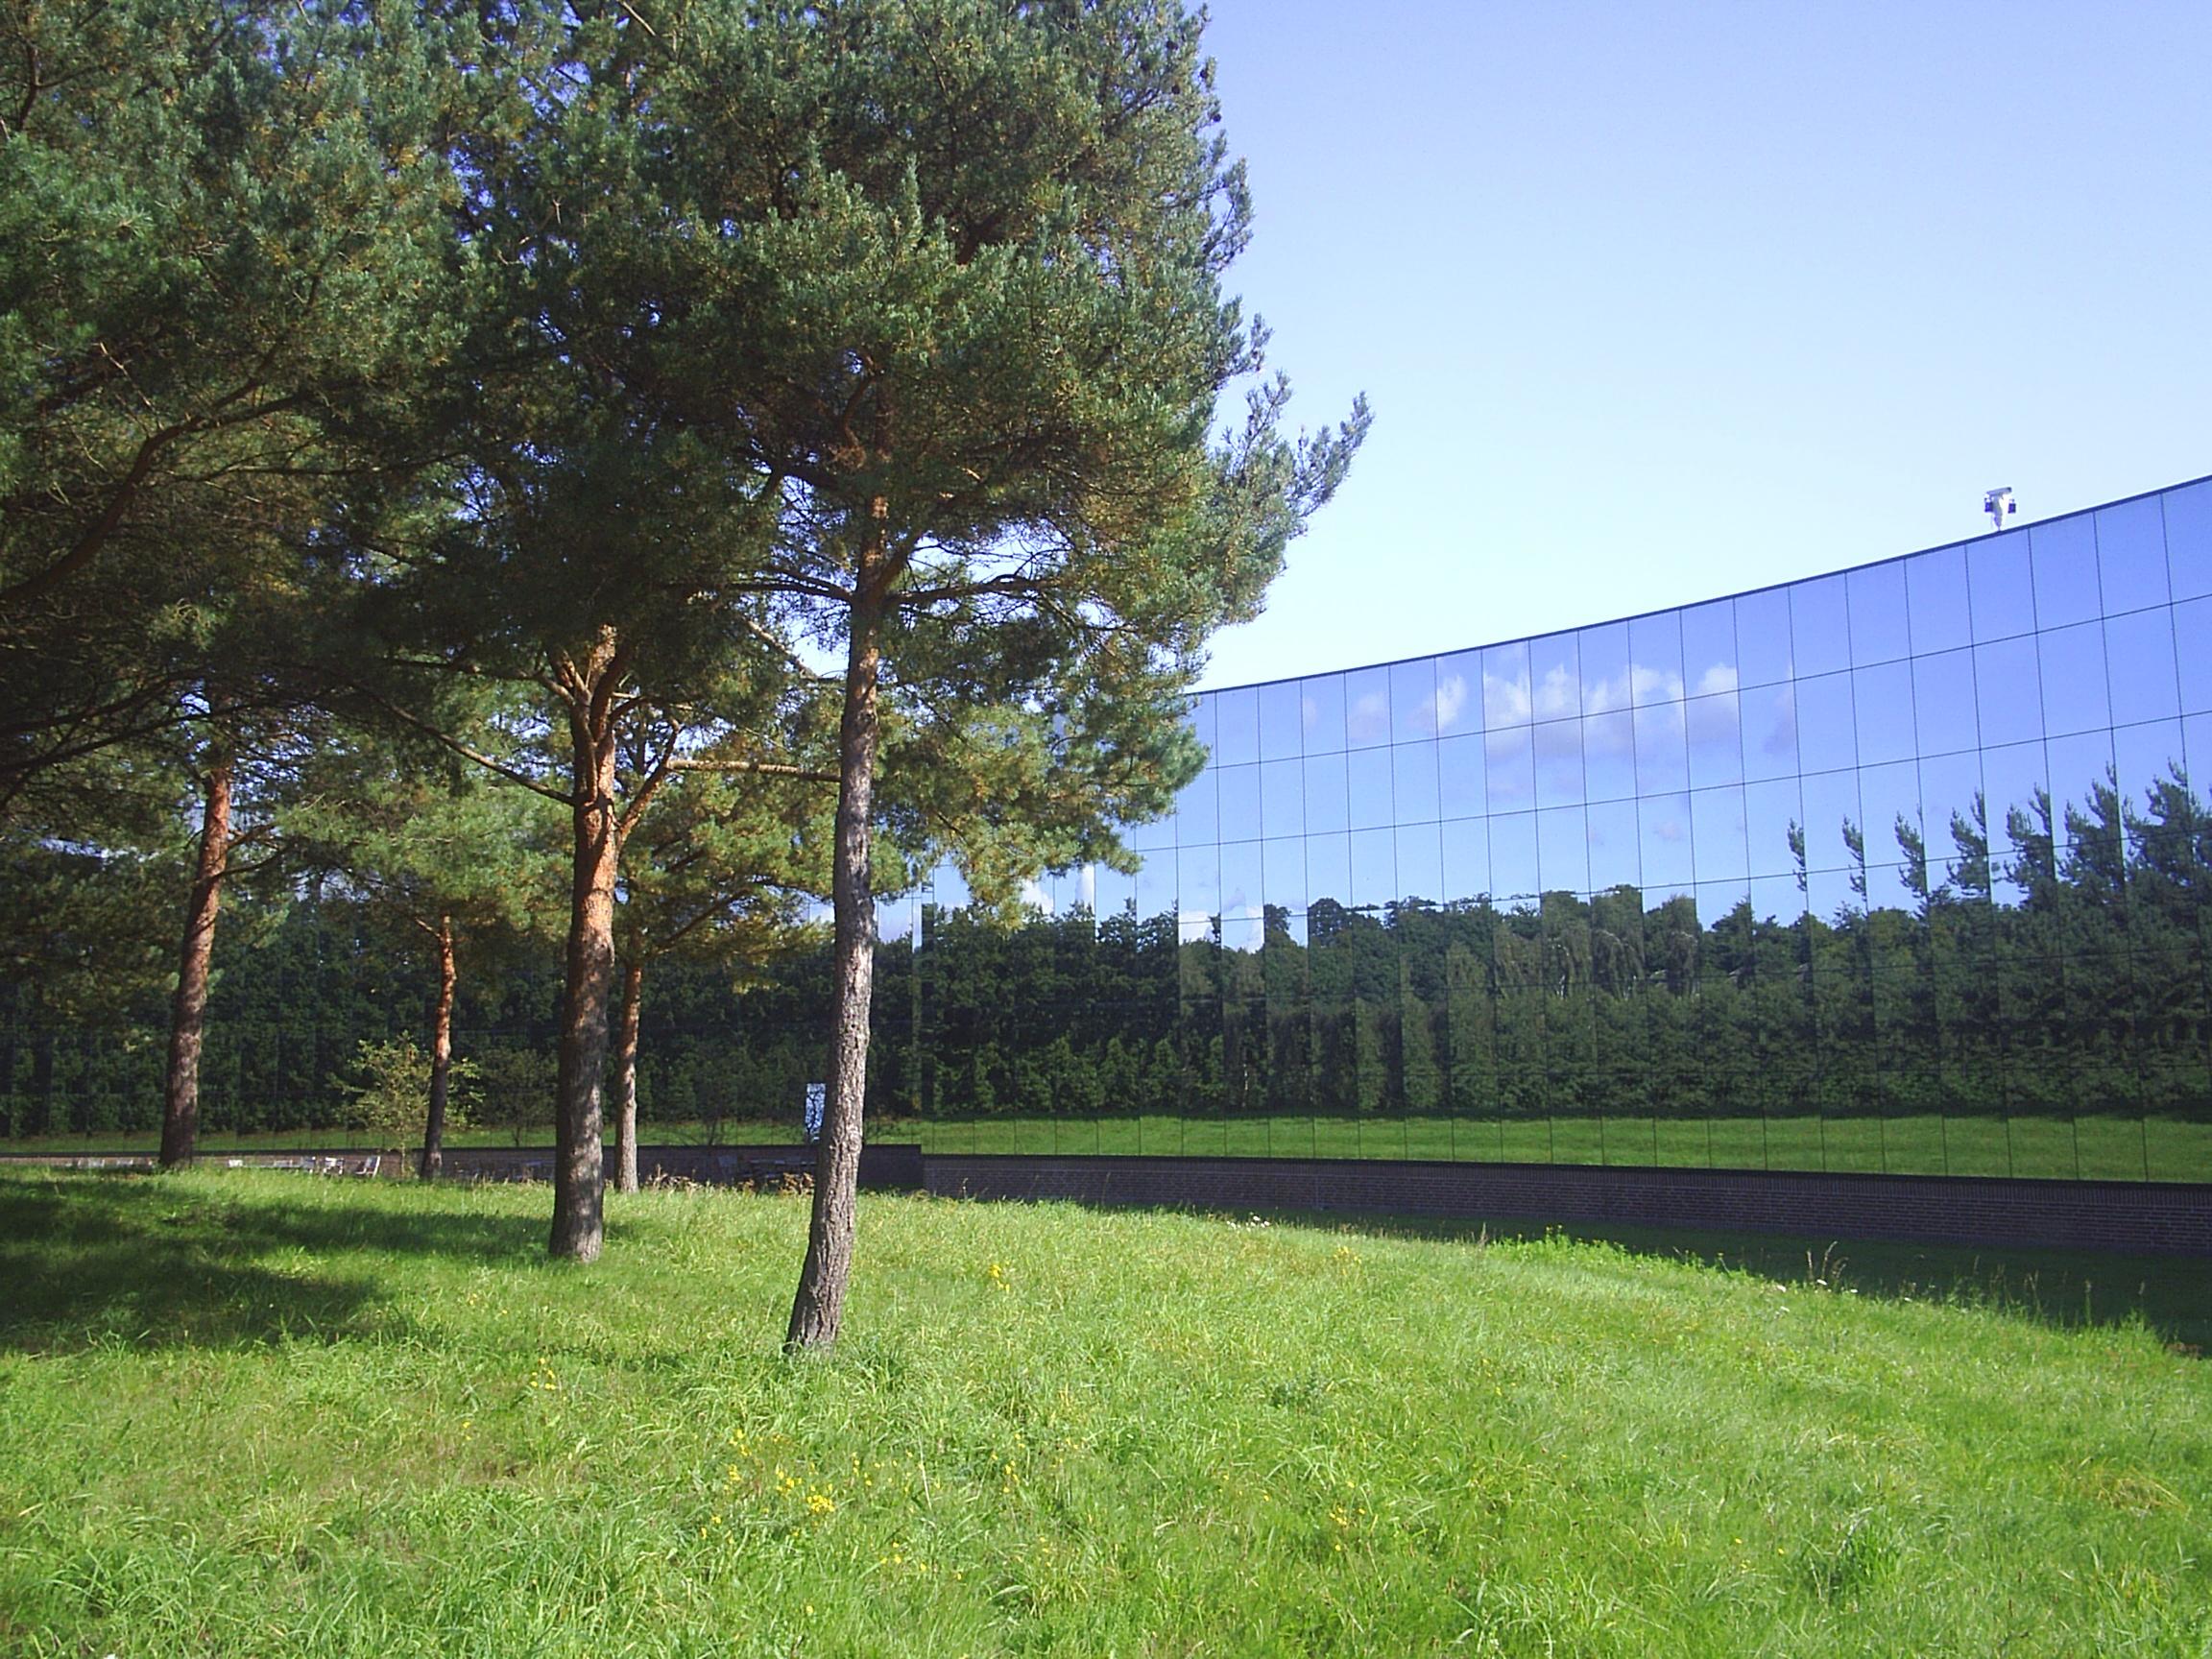 IBM s hovedkontor ligger på sydsiden af Mølleådalen ved Ravnsholm station. Her er billedet taget fra stien langs Mølleåen. Foto sept. 2008